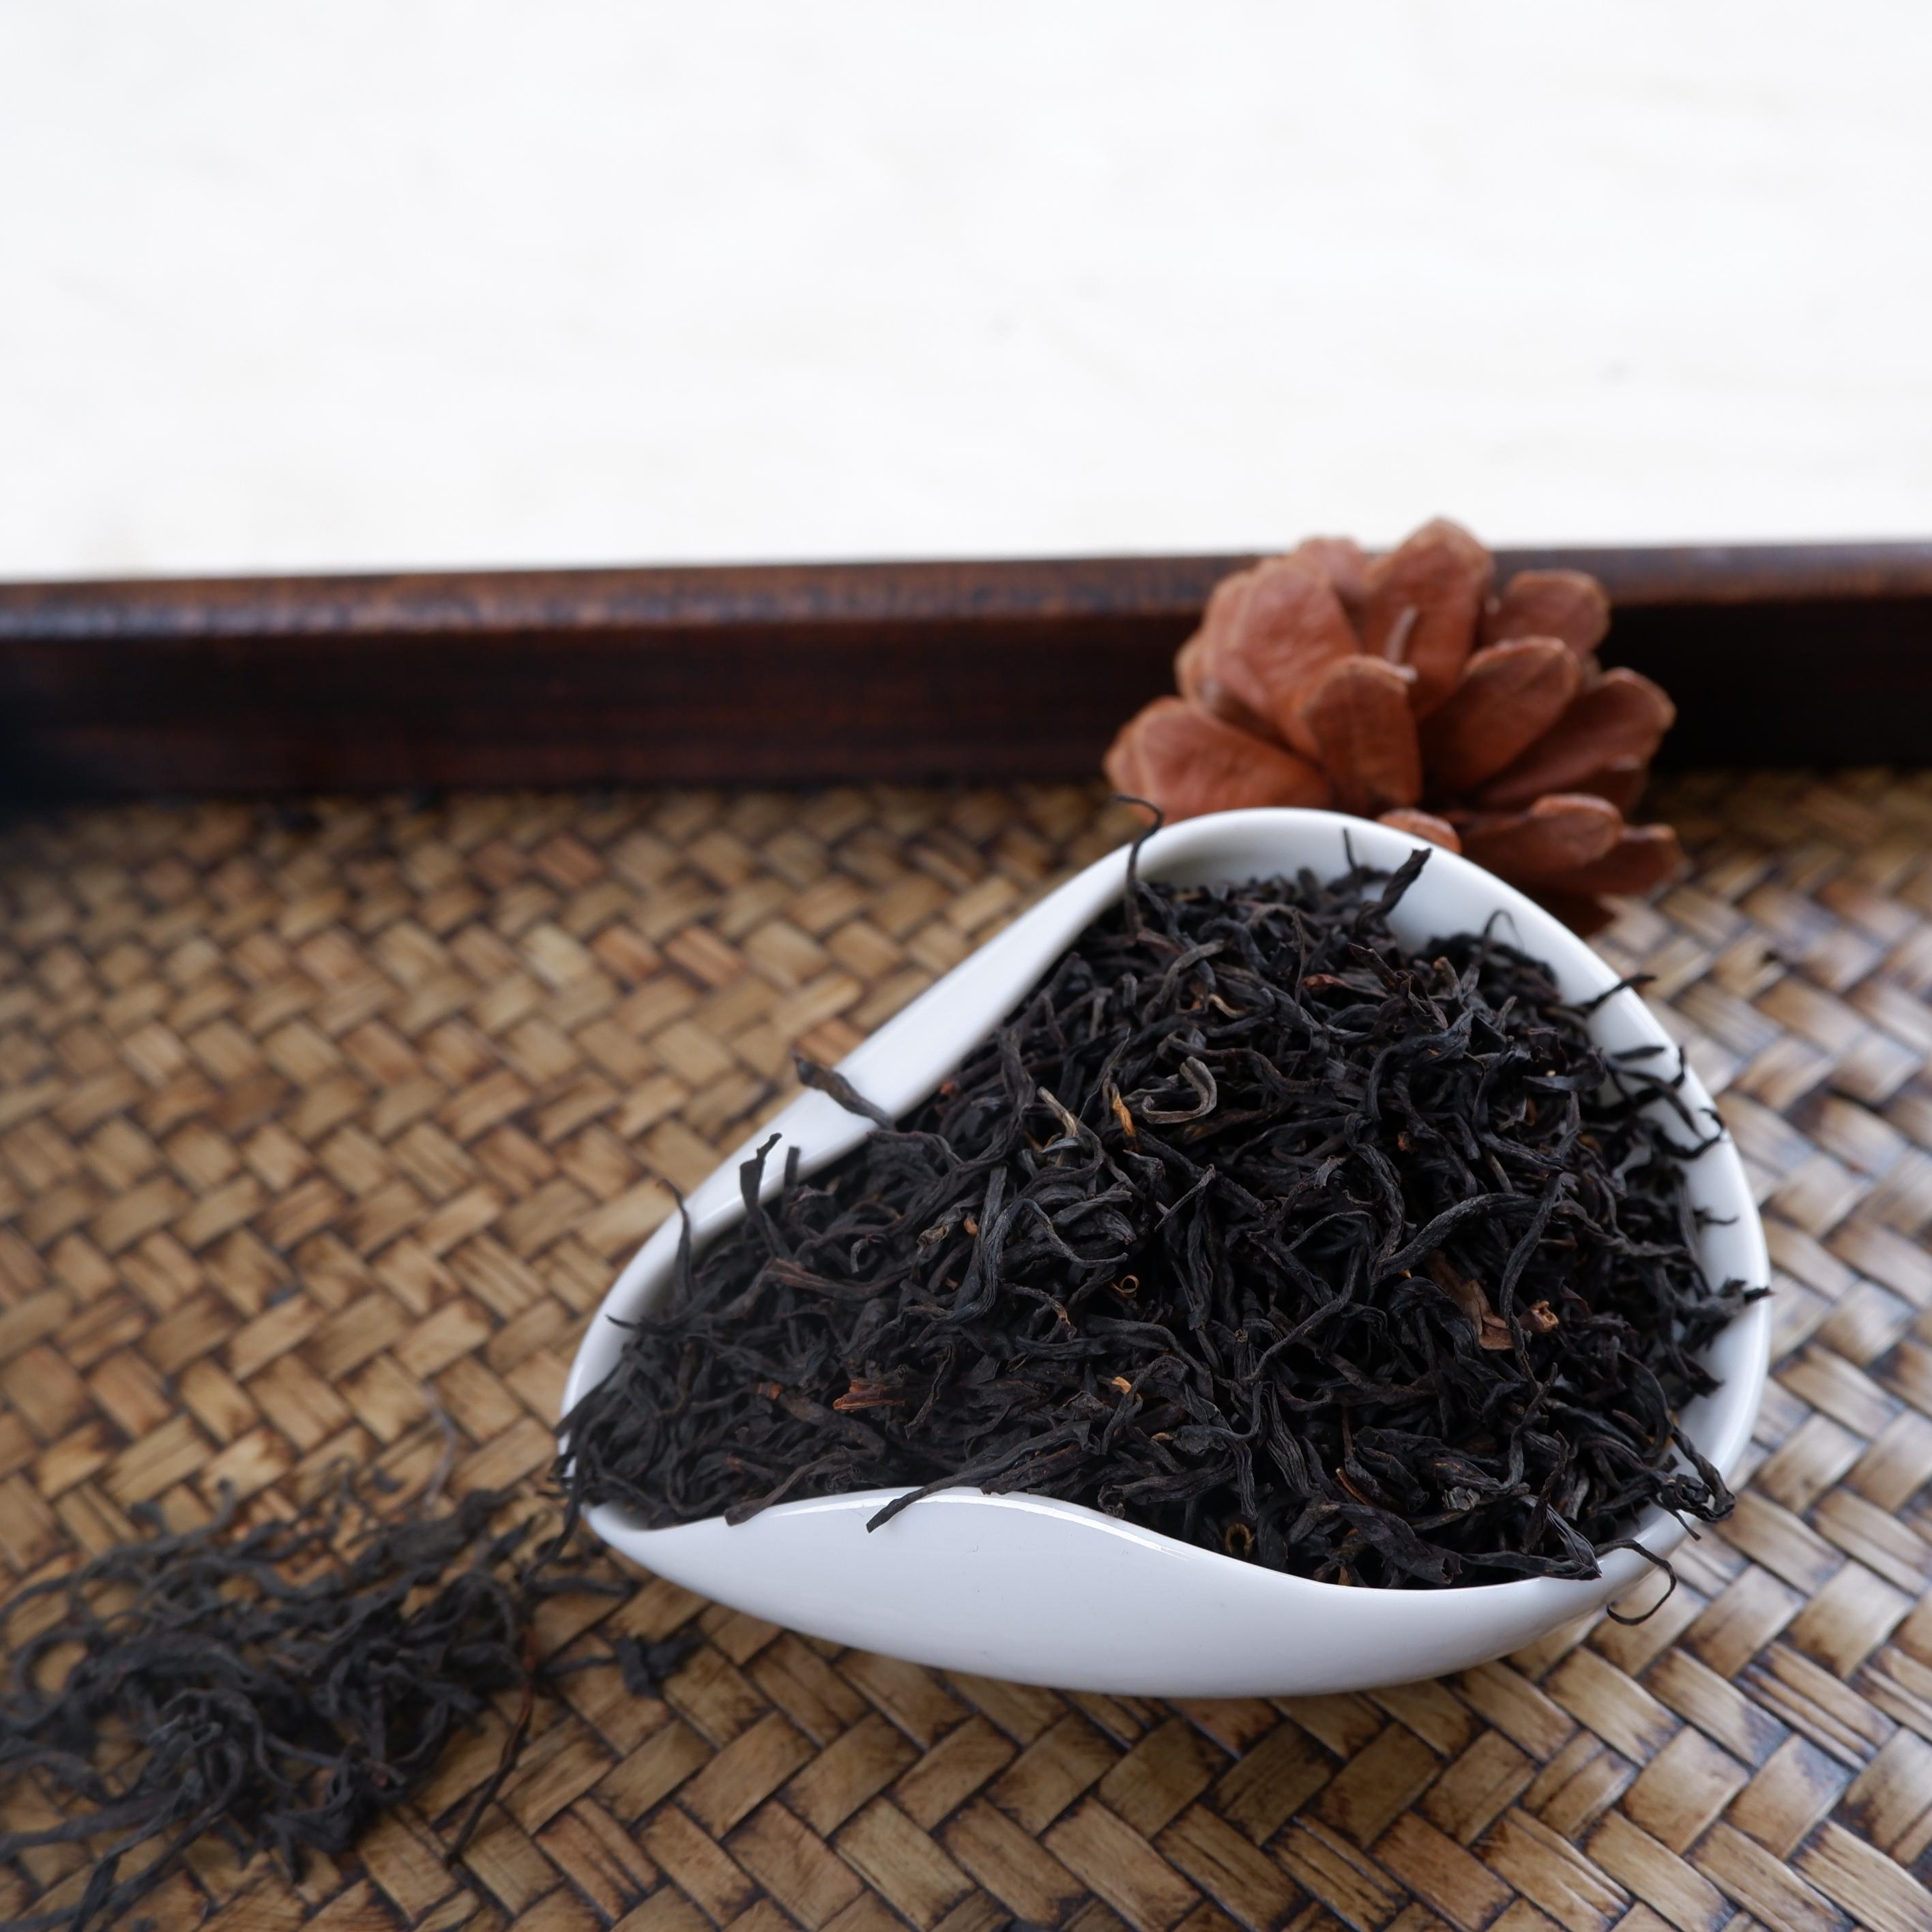 Good Taste Cheap Bulk loose Jinjunmei Black Tea - 4uTea | 4uTea.com